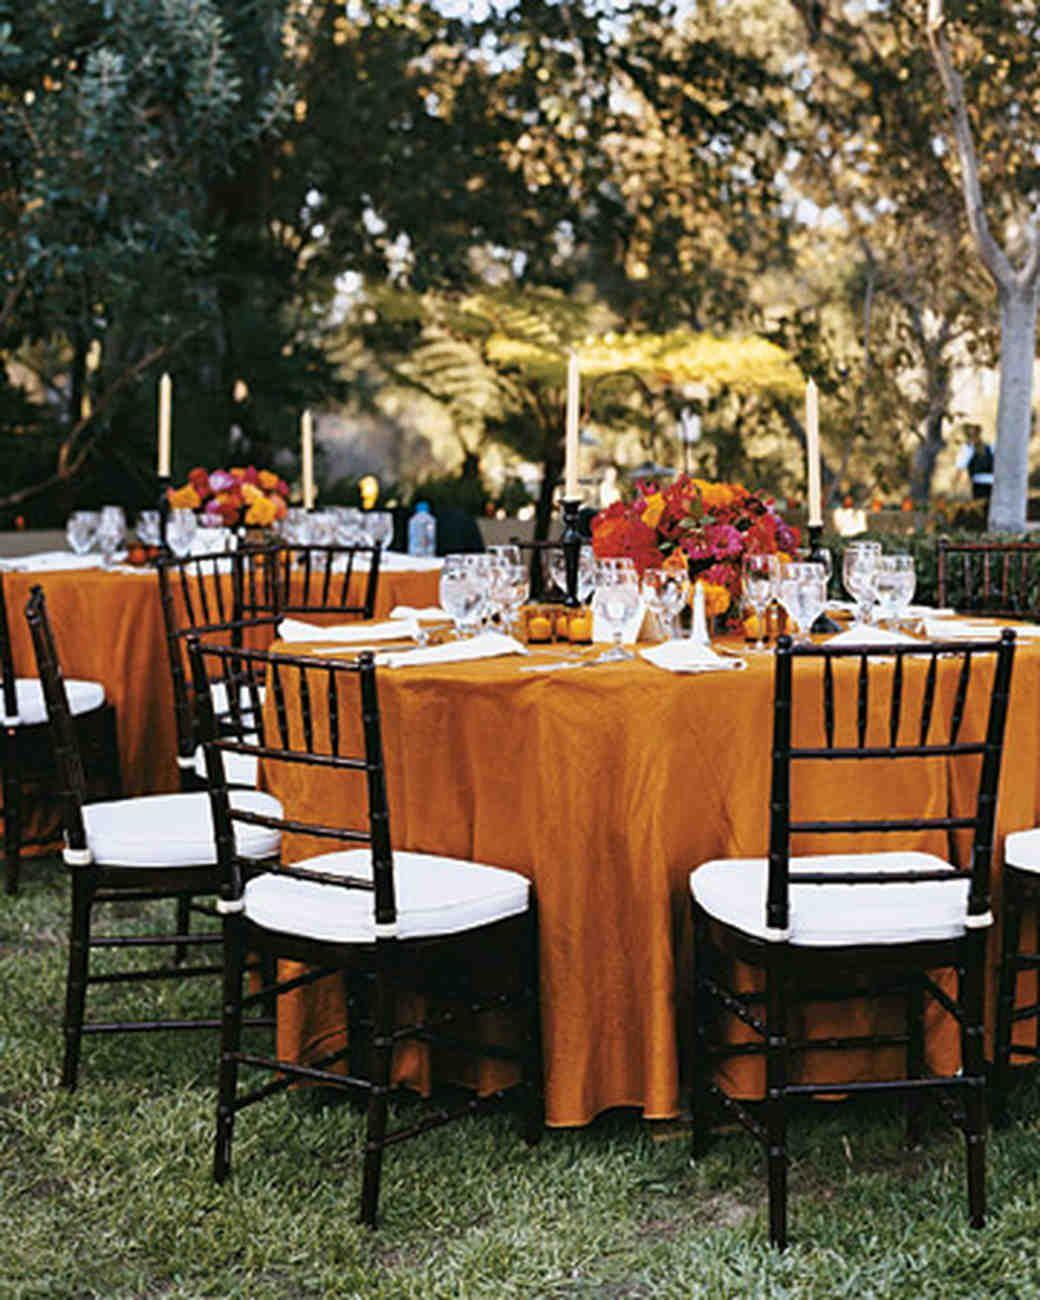 Diy camo wedding decorations   Genius Fall Wedding Ideas  A Fall Wedding  Pinterest